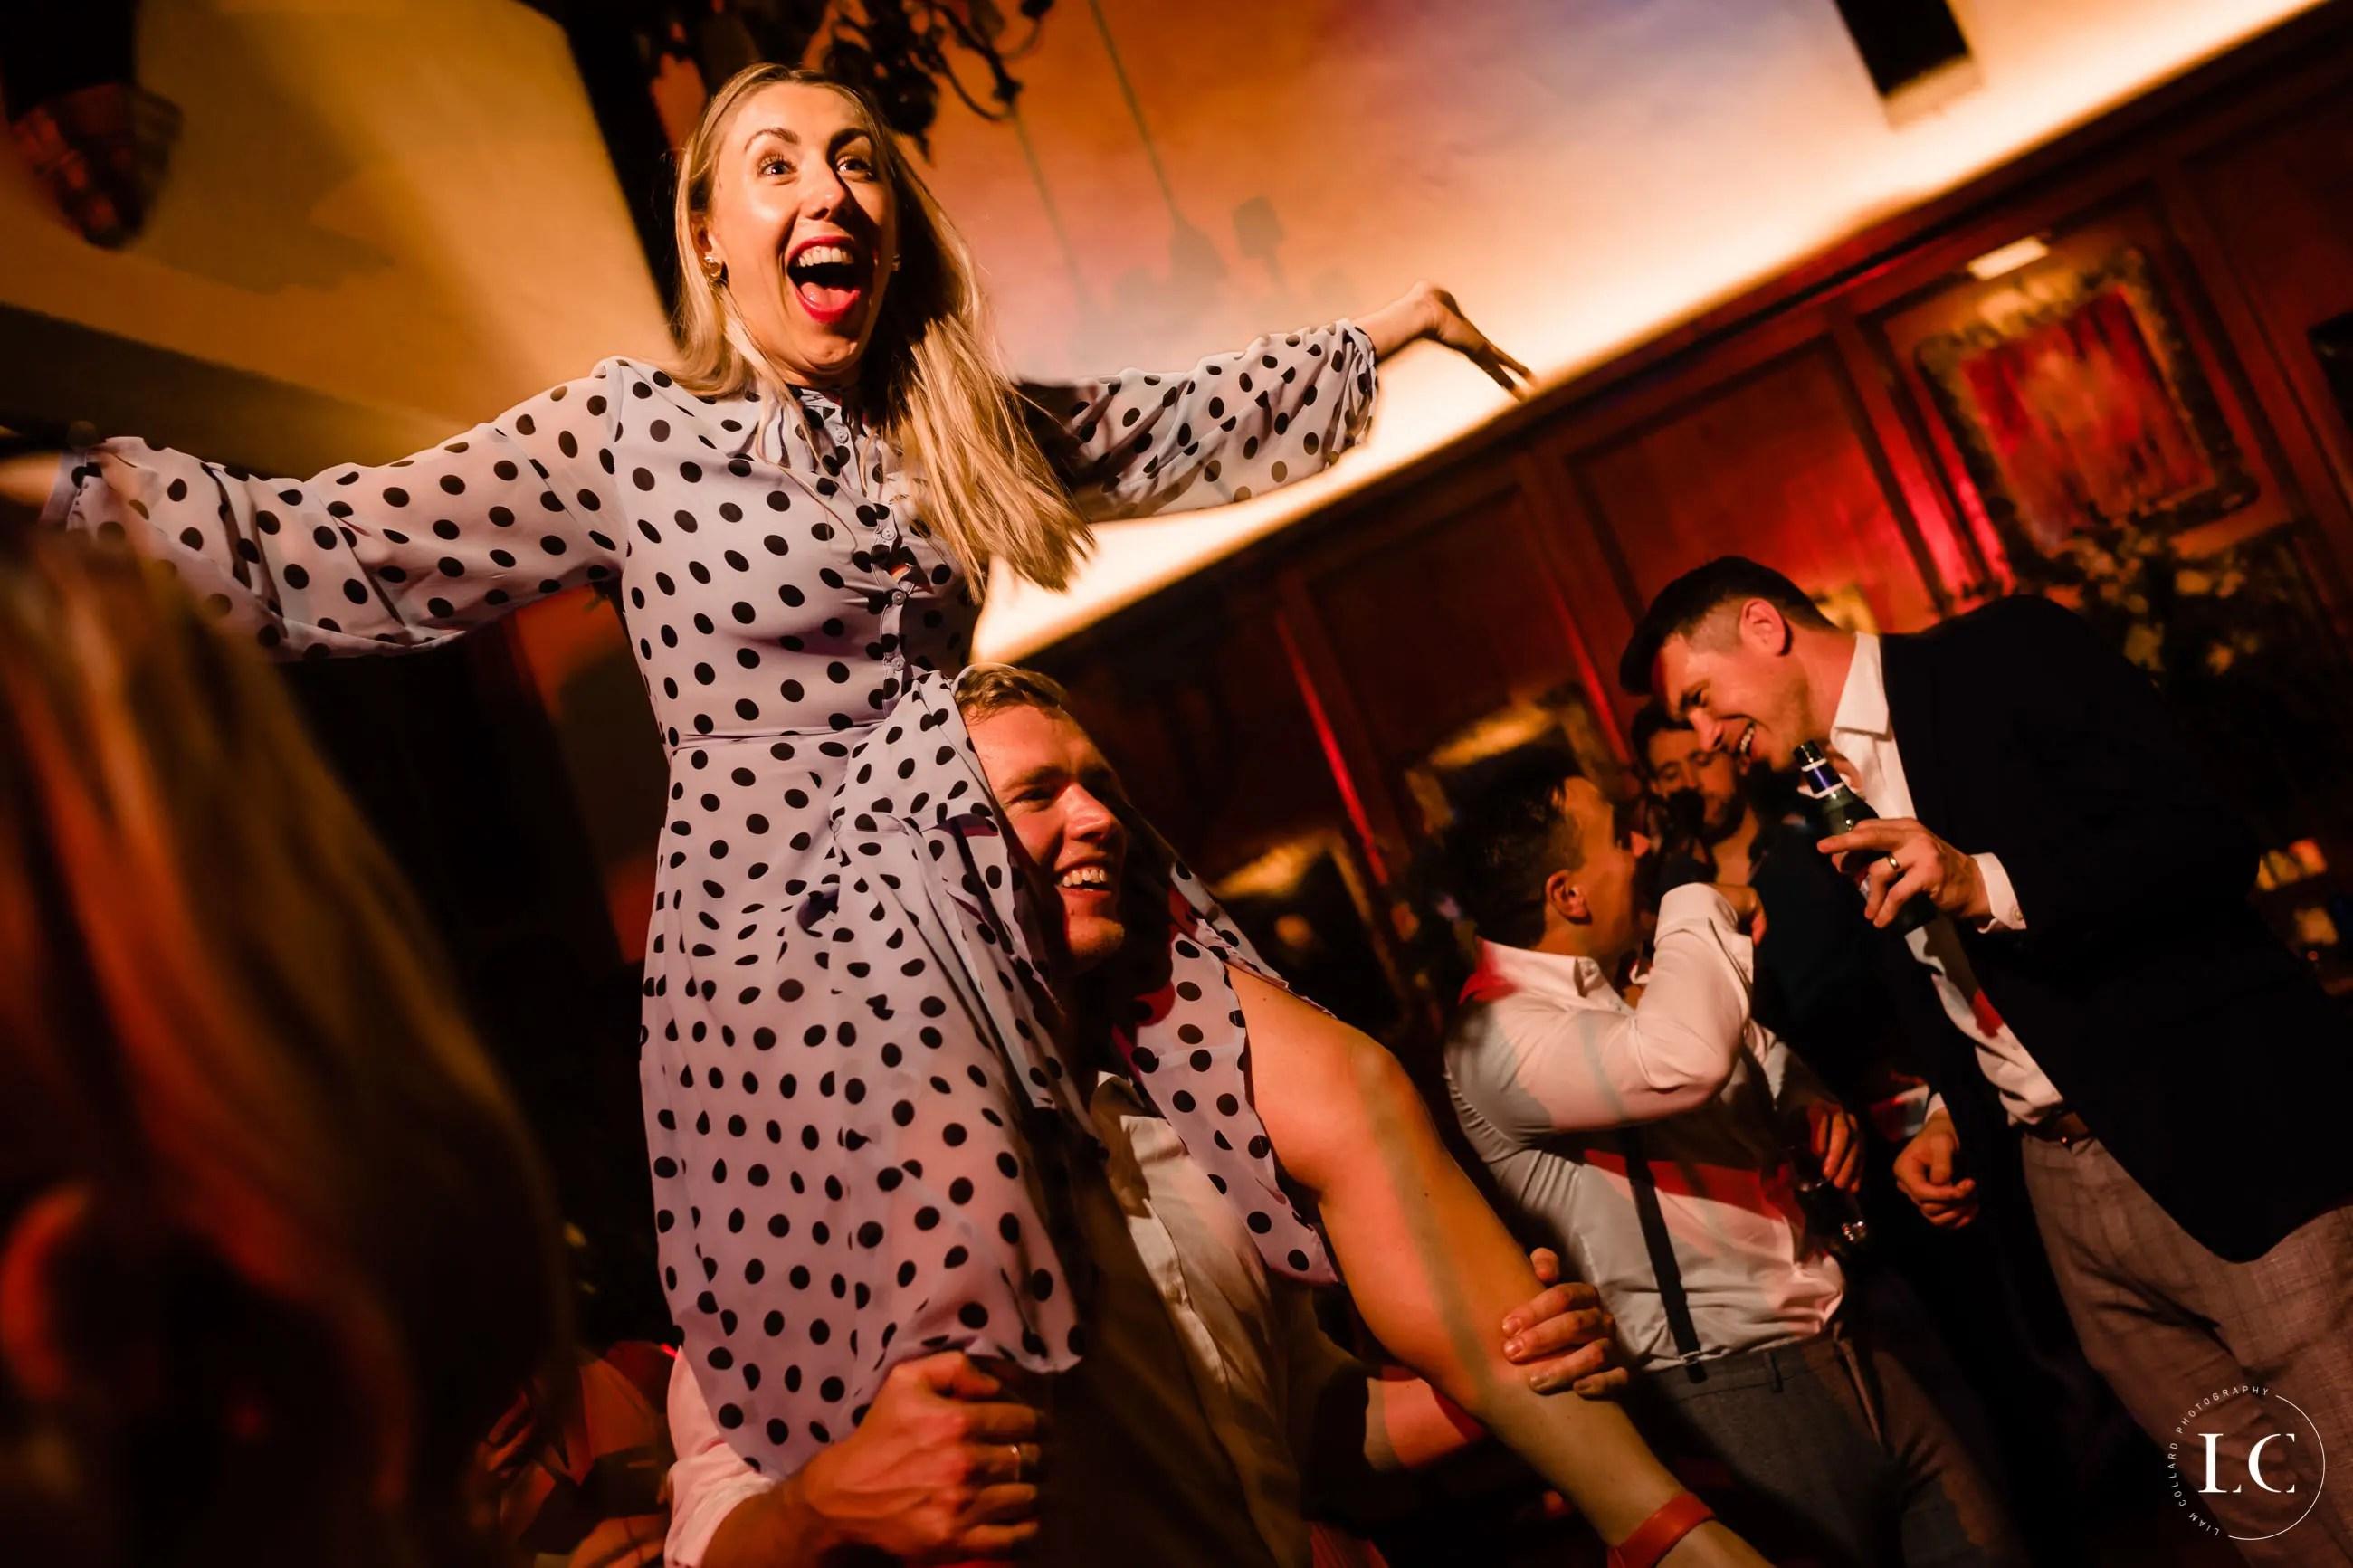 Woman dancing at a wedding